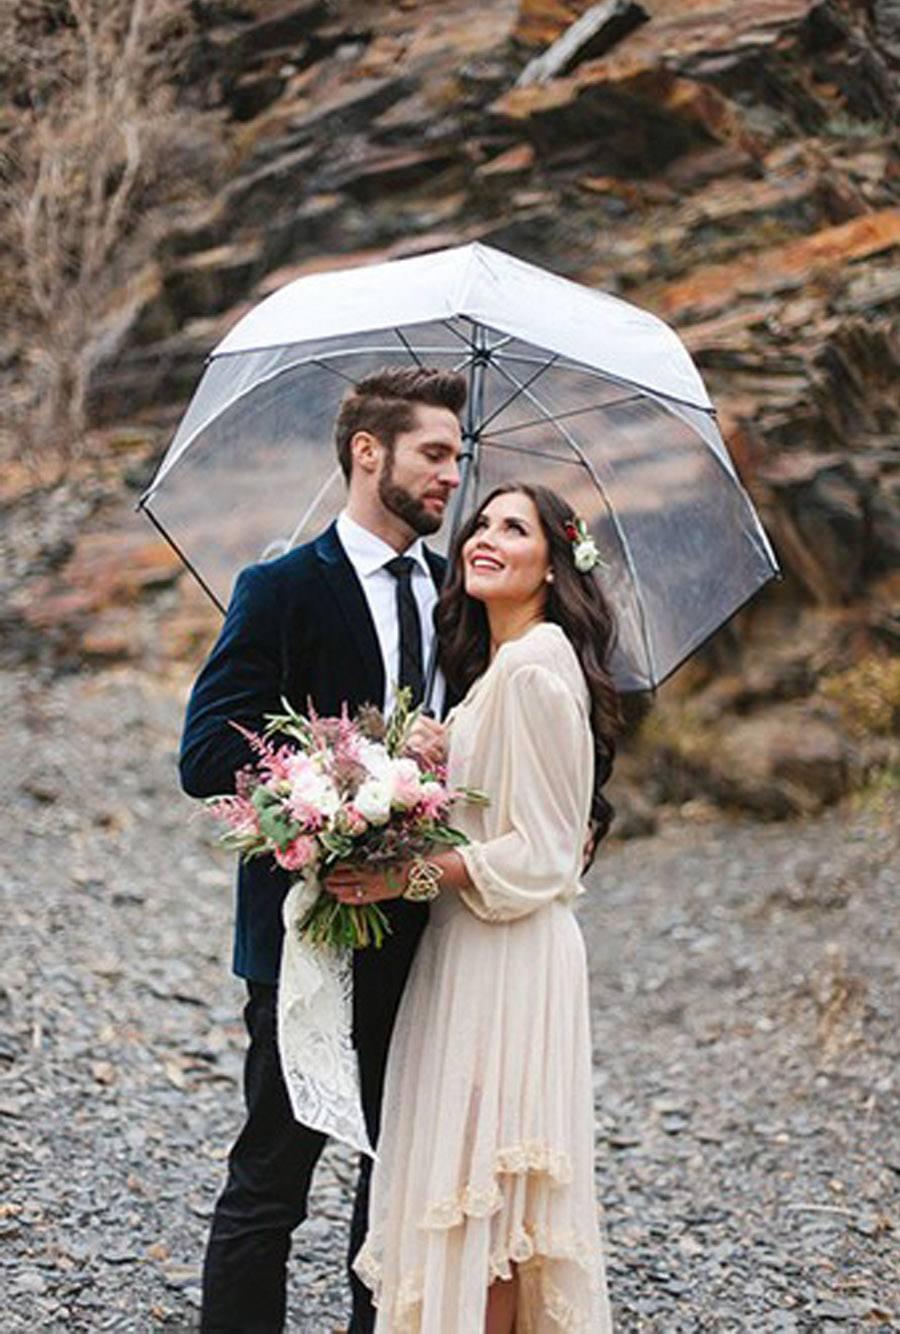 NOVIA MOJADA, NOVIA AFORTUNADA paraguas-boda